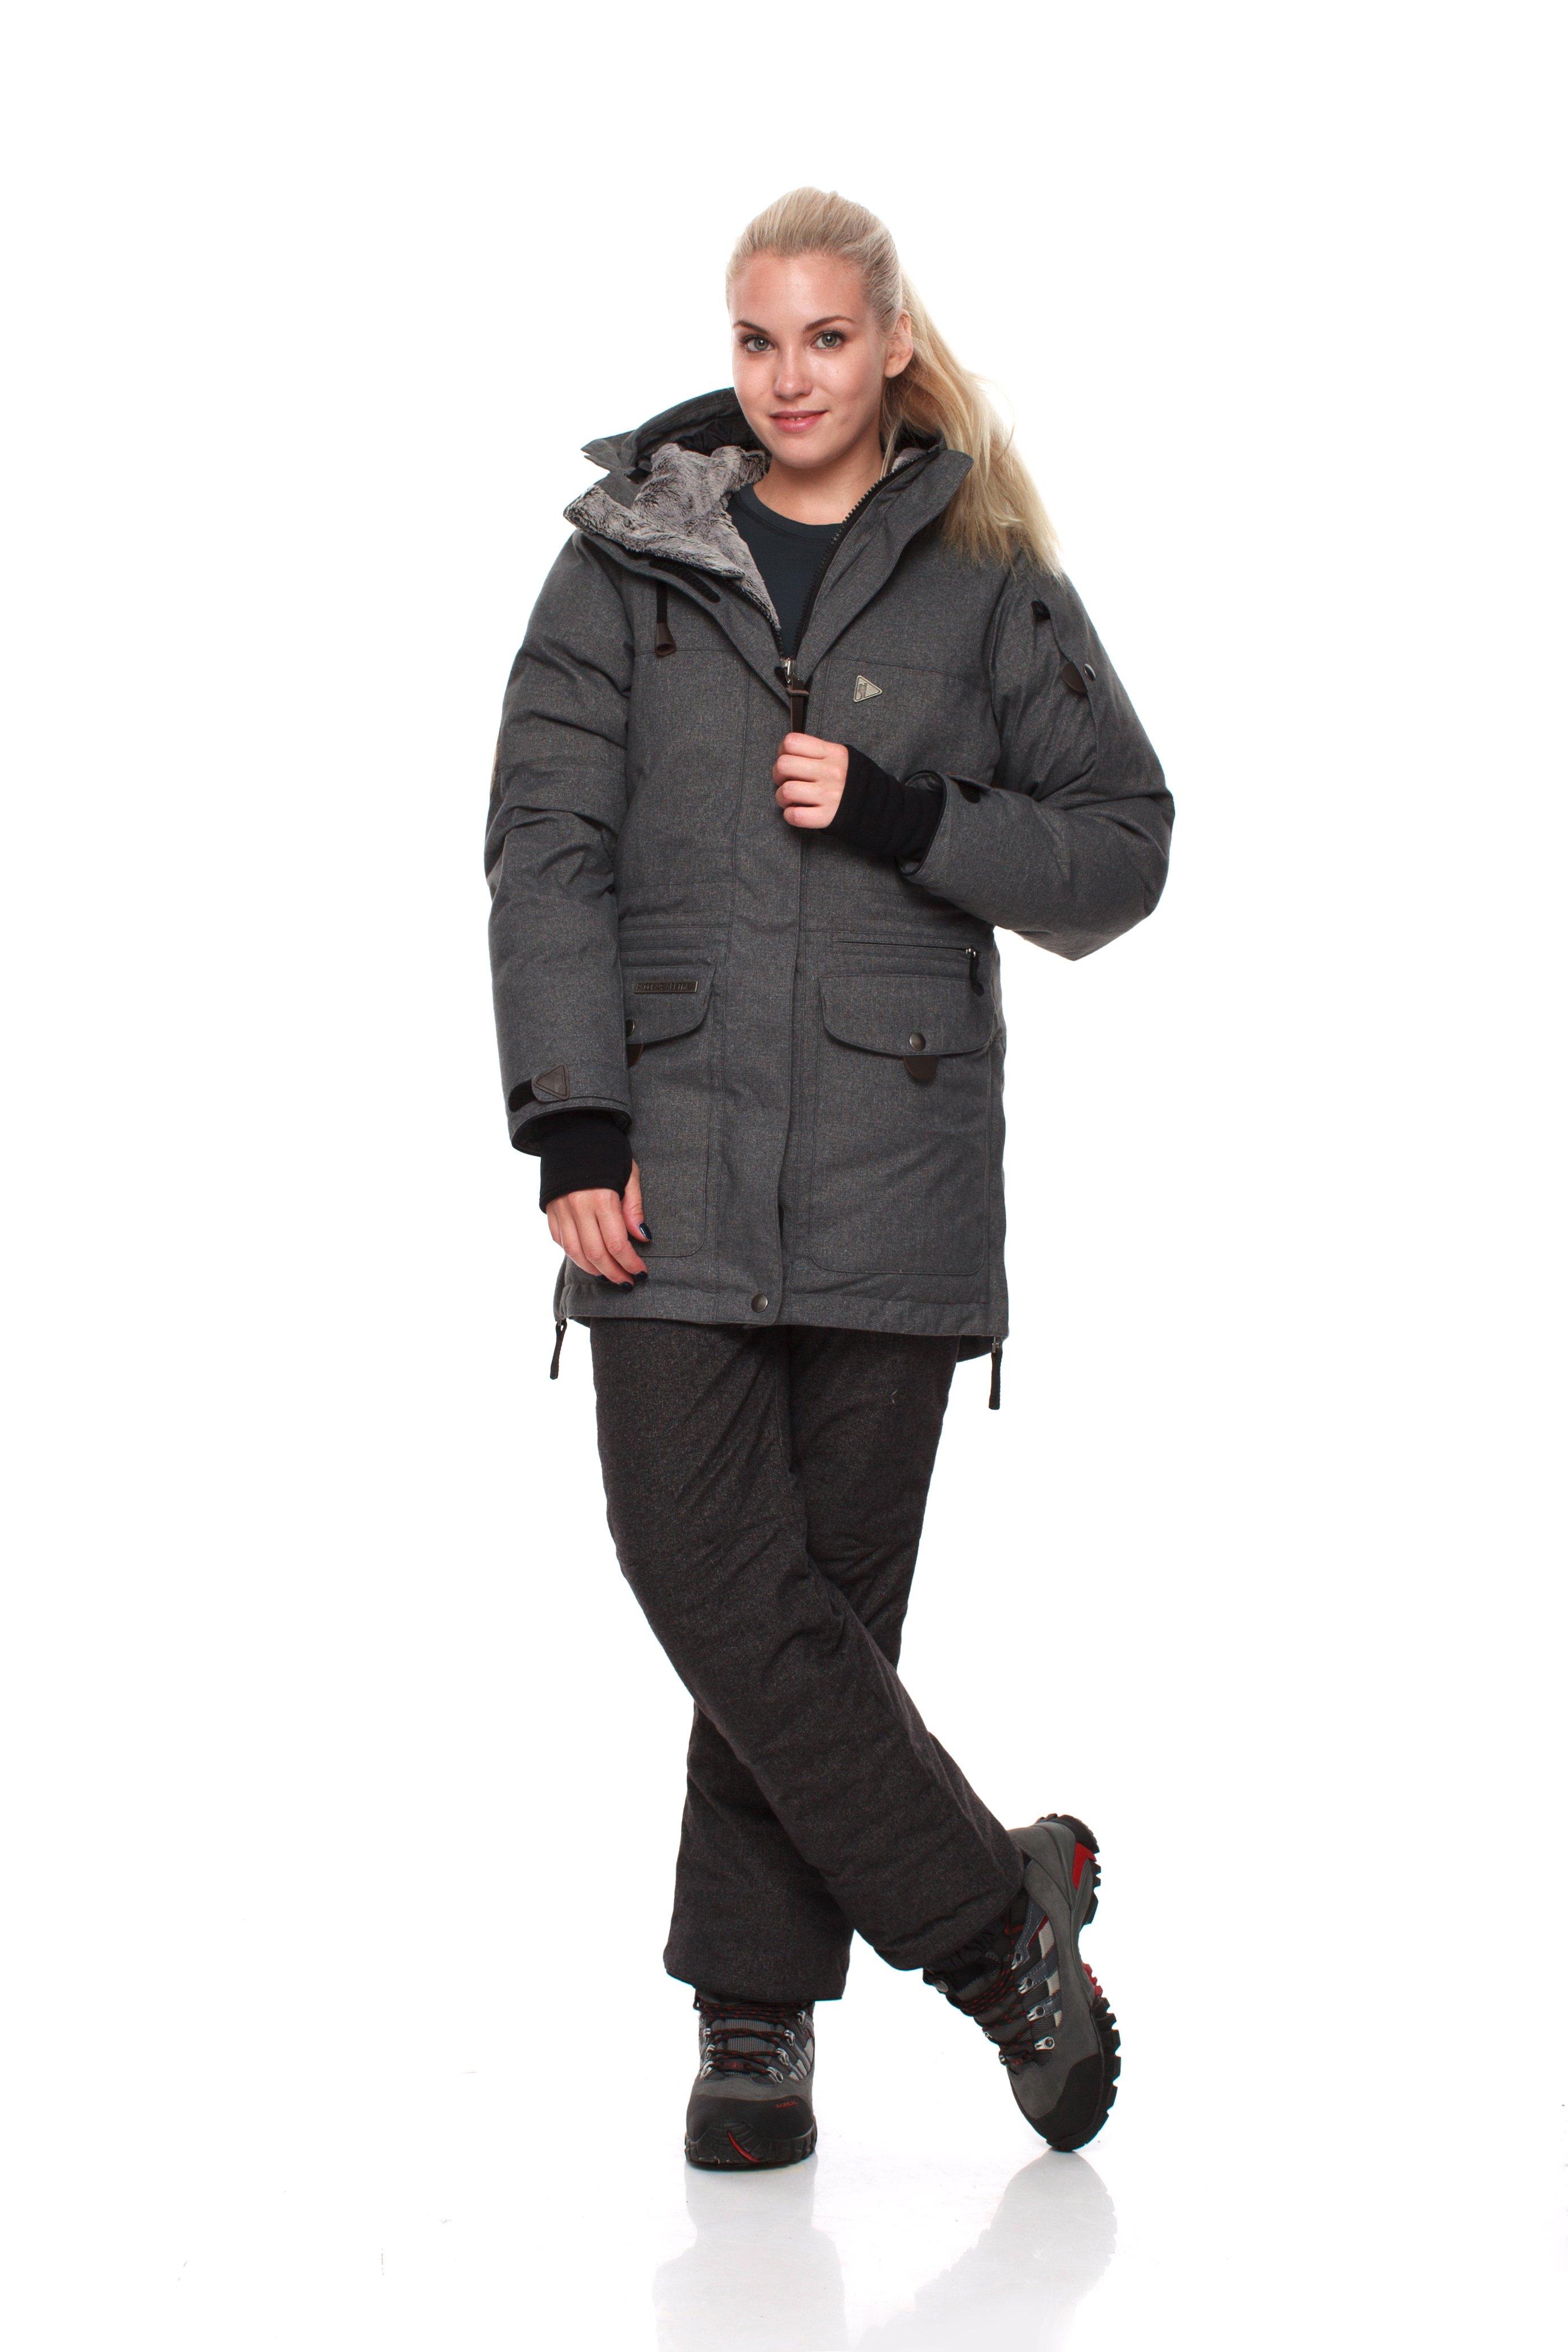 Пуховая куртка BASK IREMEL SOFT 3778AКуртки<br>Теплая женская зимняя пуховая куртка в стиле парка BASK IREMEL SOFT с мембранной тканью и температурным режимом -30 °С.<br><br>&quot;Дышащие&quot; свойства: Да<br>Верхняя ткань: Advance® Alaska Soft Melange<br>Вес граммы: 1950<br>Вес утеплителя: 420<br>Ветро-влагозащитные свойства верхней ткани: Да<br>Ветрозащитная планка: Да<br>Ветрозащитная юбка: Да<br>Влагозащитные молнии: Нет<br>Внутренние манжеты: Да<br>Внутренняя ткань: Advance® Classic<br>Водонепроницаемость: 5000<br>Дублирующий центральную молнию клапан: Да<br>Защитный козырёк капюшона: Нет<br>Капюшон: Несъемный<br>Карман для средств связи: Нет<br>Количество внешних карманов: 8<br>Количество внутренних карманов: 2<br>Мембрана: Да<br>Объемный крой локтевой зоны: Да<br>Отстёгивающиеся рукава: Нет<br>Паропроницаемость: 10000<br>Показатель Fill Power (для пуховых изделий): 650<br>Пол: Женский<br>Проклейка швов: Нет<br>Регулировка манжетов рукавов: Да<br>Регулировка низа: Нет<br>Регулировка объёма капюшона: Да<br>Регулировка талии: Нет<br>Регулируемые вентиляционные отверстия: Нет<br>Световозвращающая лента: Нет<br>Температурный режим: -30<br>Технология Thermal Welding: Нет<br>Технология швов: Простые<br>Тип молнии: Двухзамковая<br>Тип утеплителя: Натуральный<br>Ткань усиления: Нет<br>Усиление контактных зон: Нет<br>Утеплитель: Гусиный пух<br>Размер INT: S<br>Цвет: СЕРЫЙ